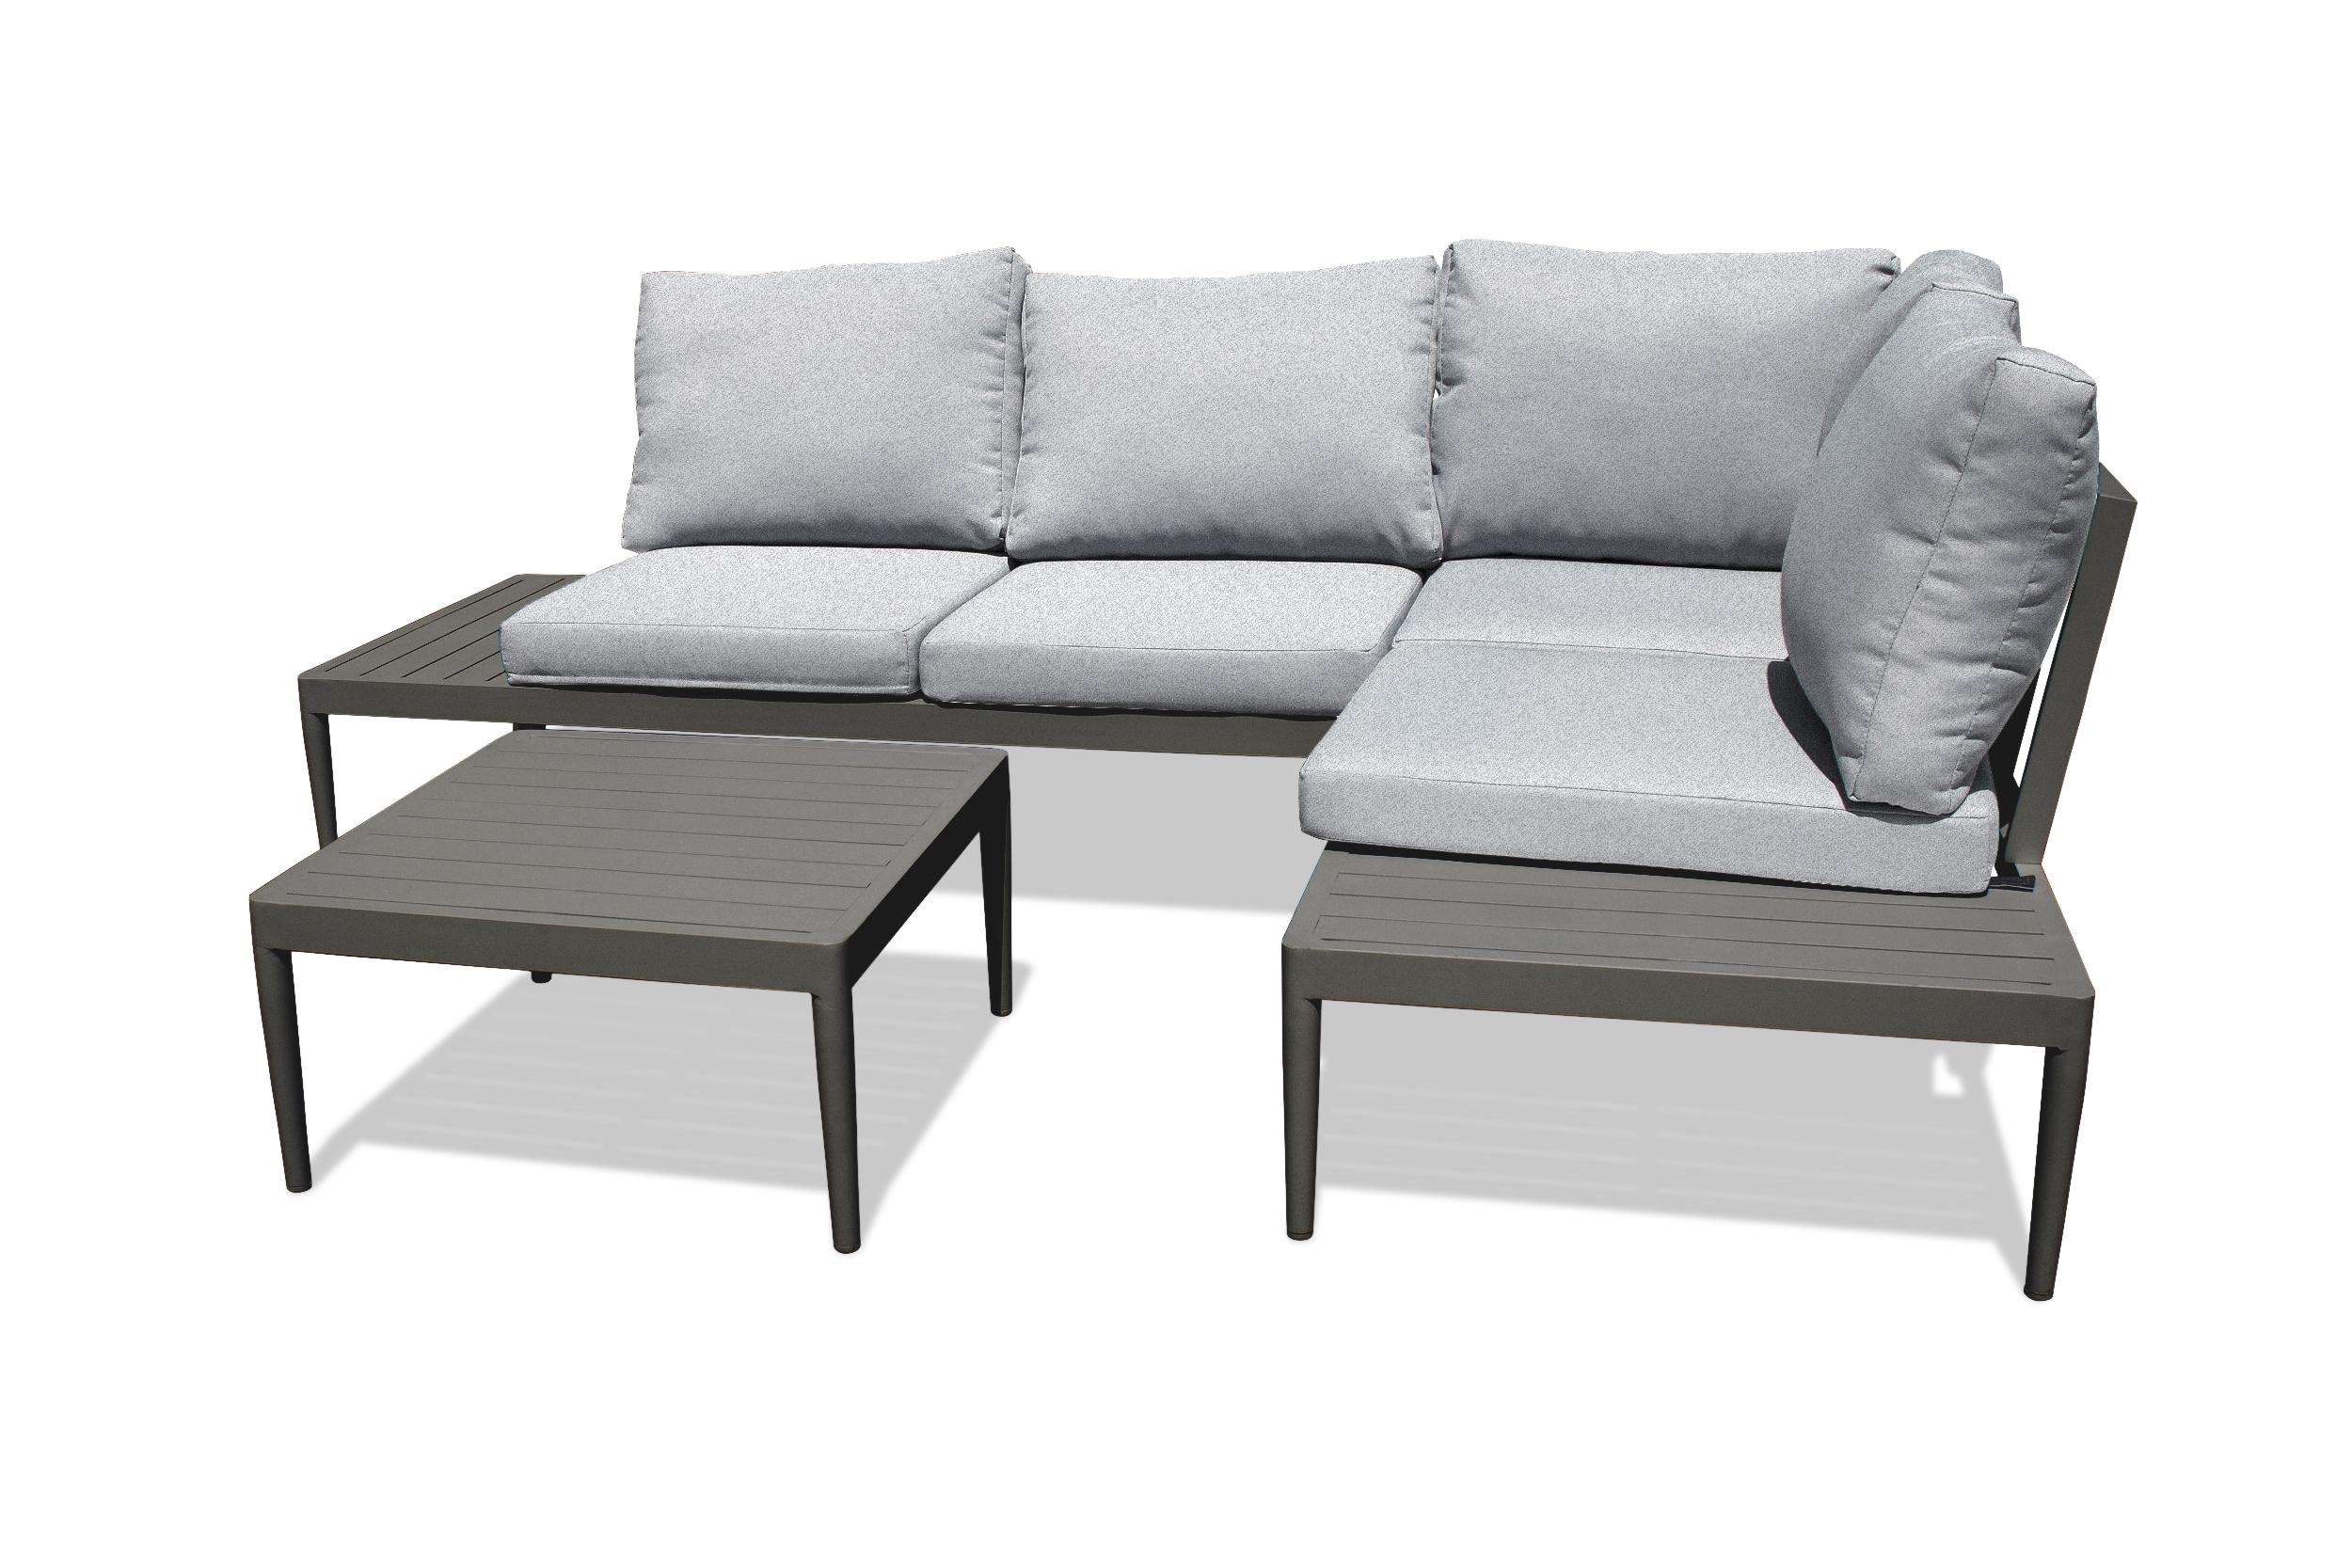 Salon de jardin 4 places en aluminium gris anthracite